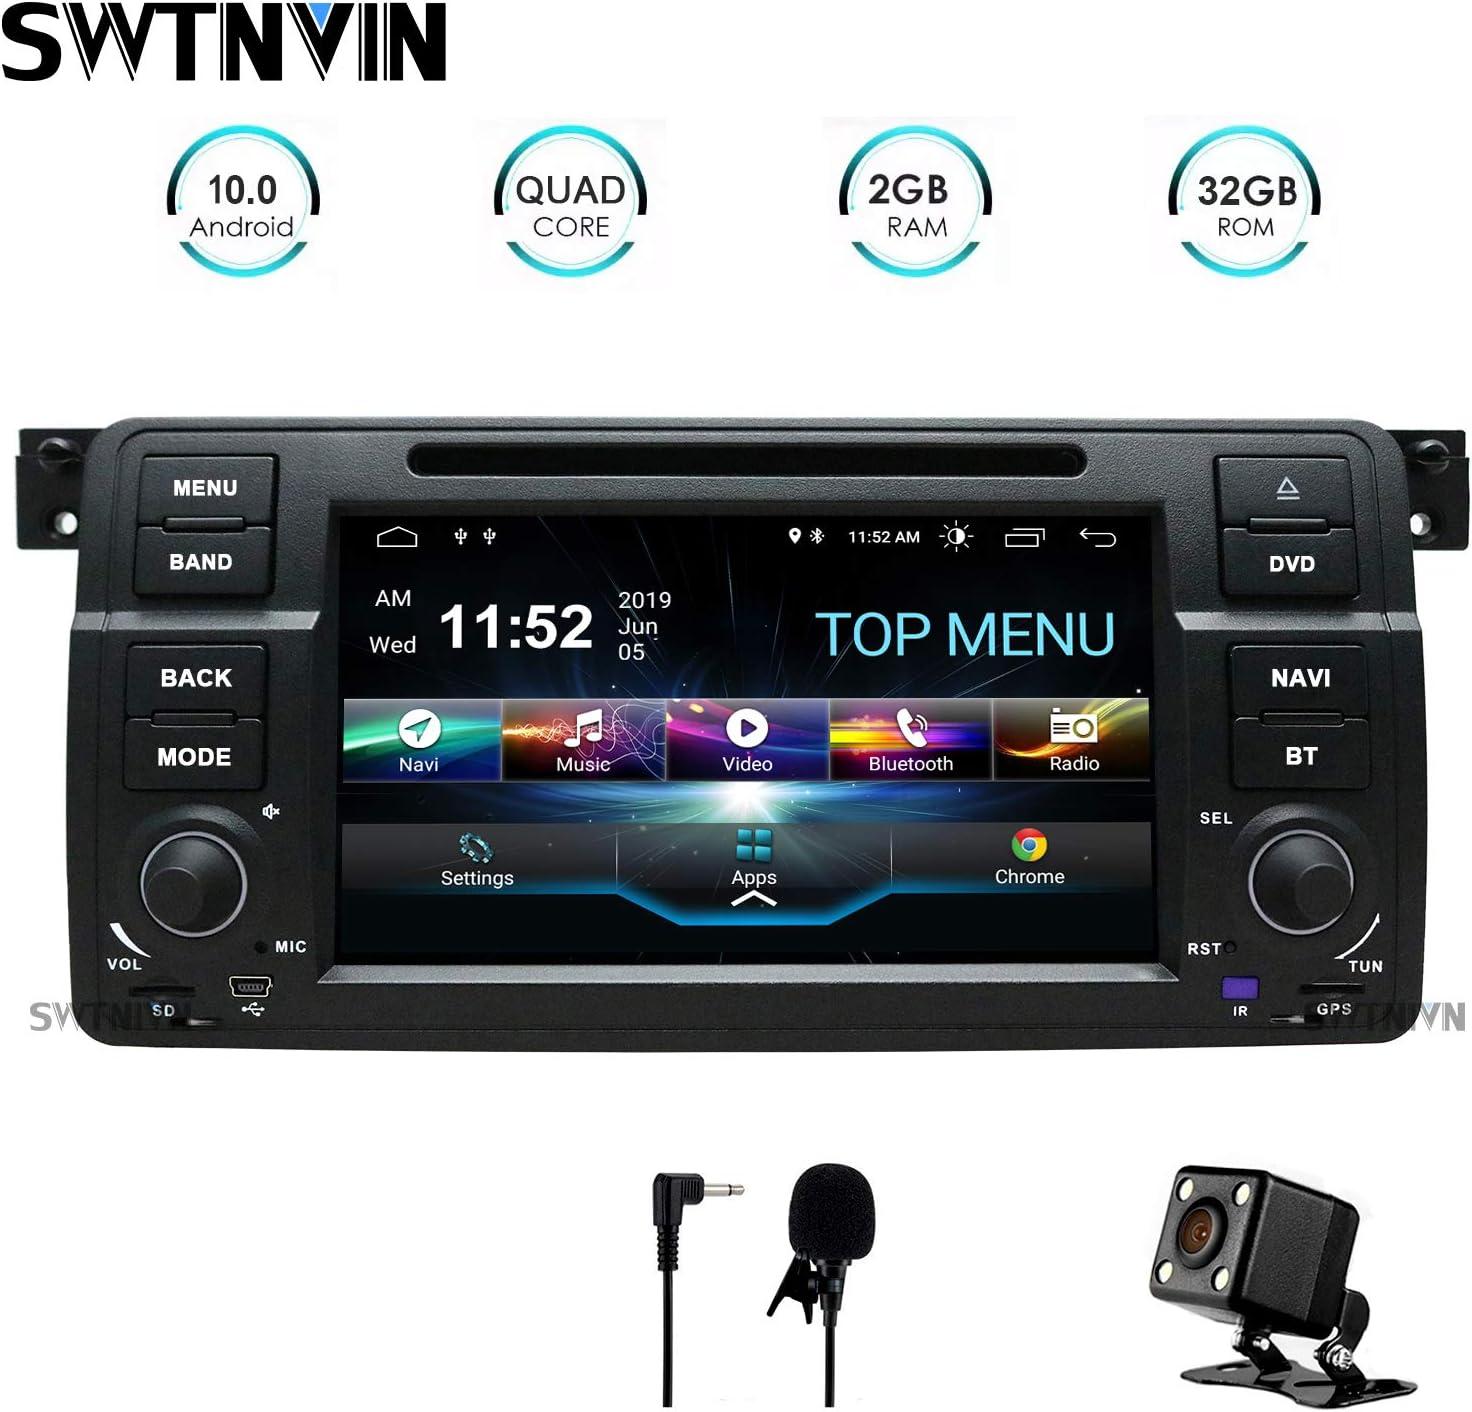 SWTNVIN Android 10.0 Coche Audio Cabezal estéreo se Adapta a BMW E46 Reproductor de DVD Radio 7 Pulgadas HD Pantalla táctil navegación GPS con Bluetooth WiFi Volante Control 2GB + 32GB